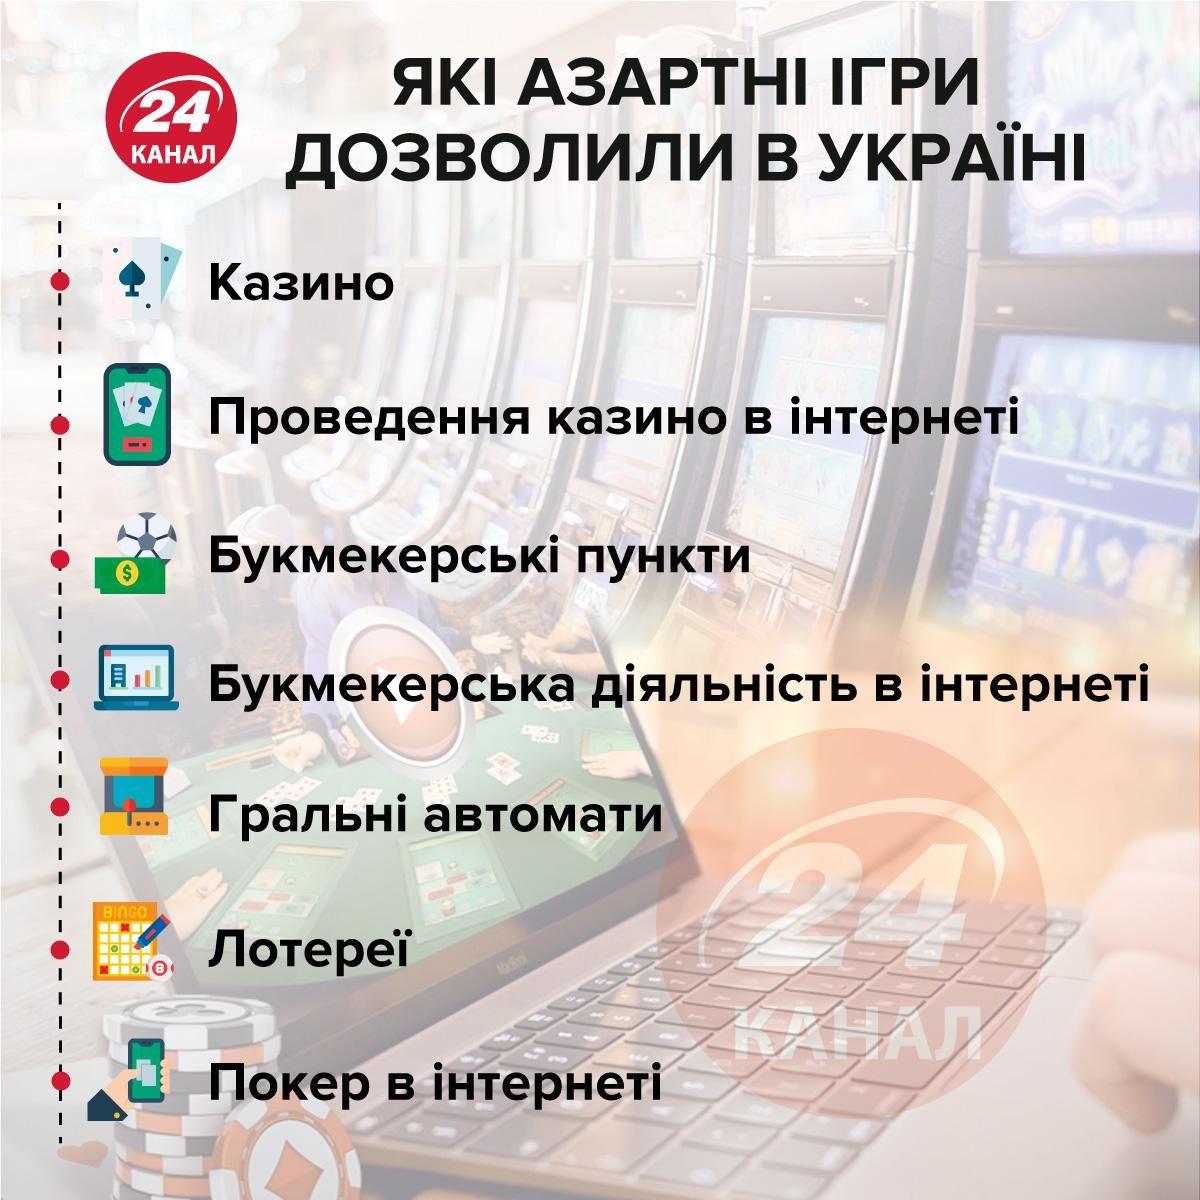 Легалізовані азартні ігри в Україні